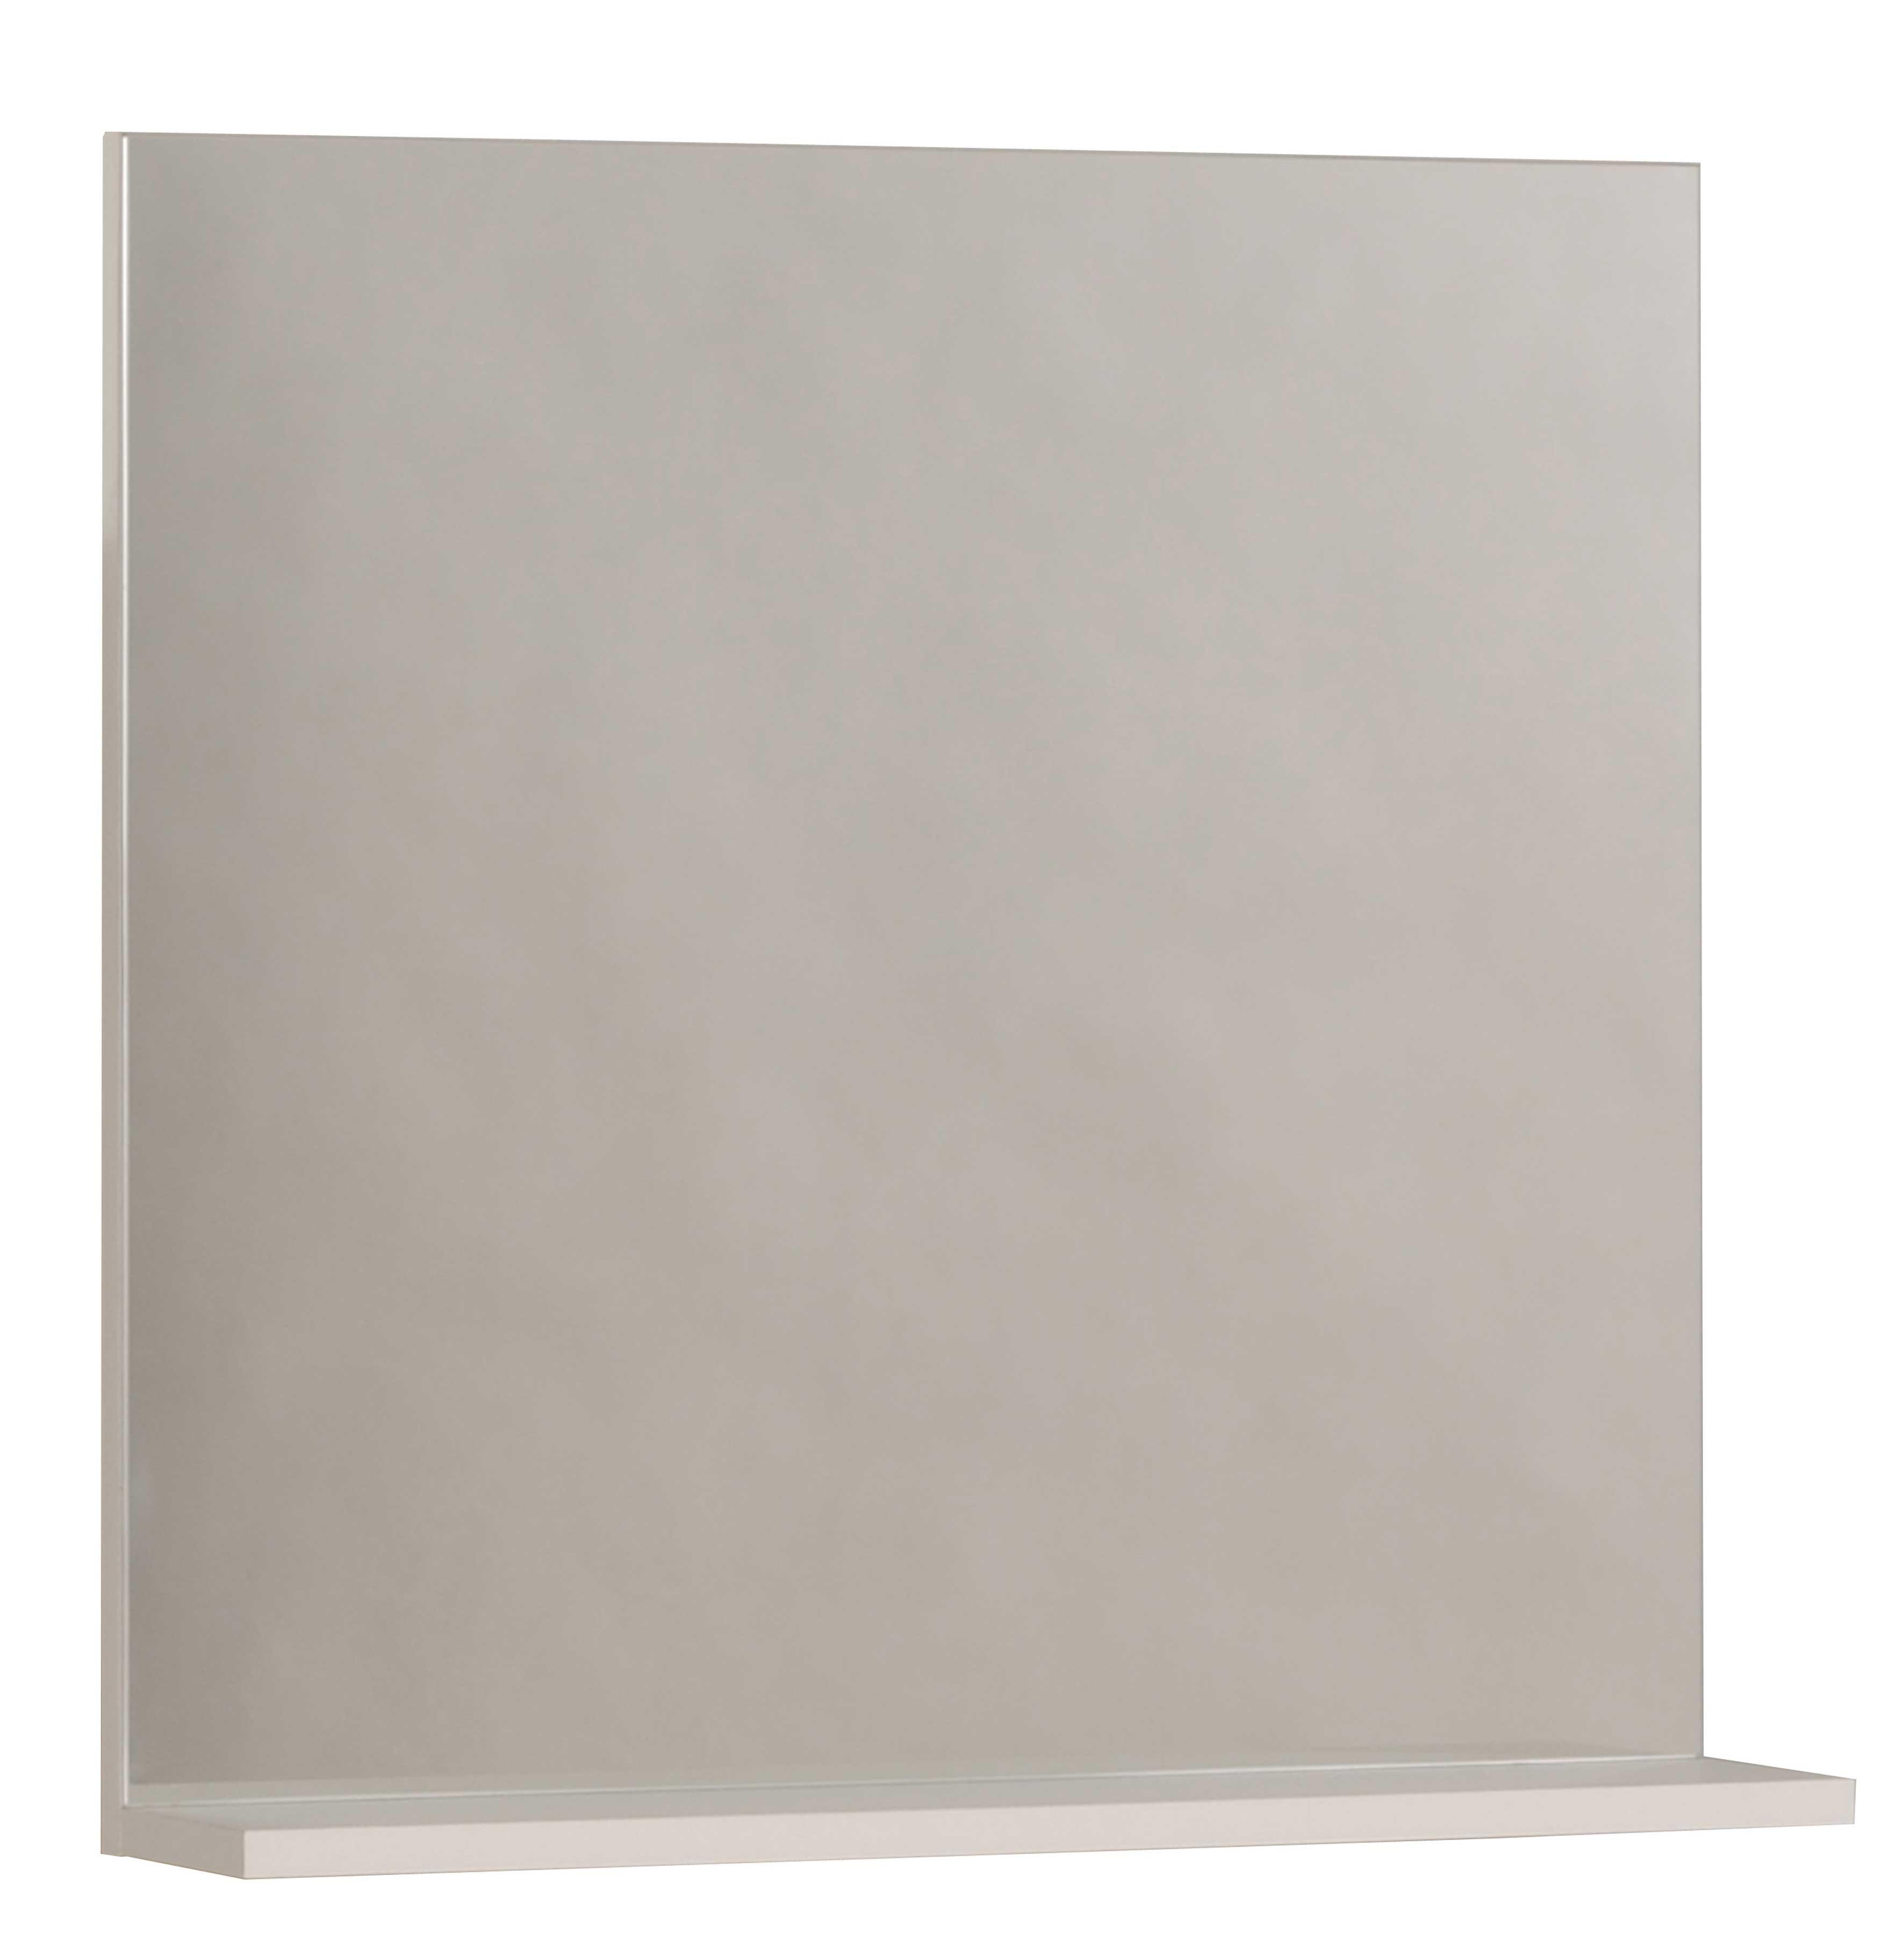 goedkope Spiegel inclusief legplankje Syane Parisot Wit PA2435